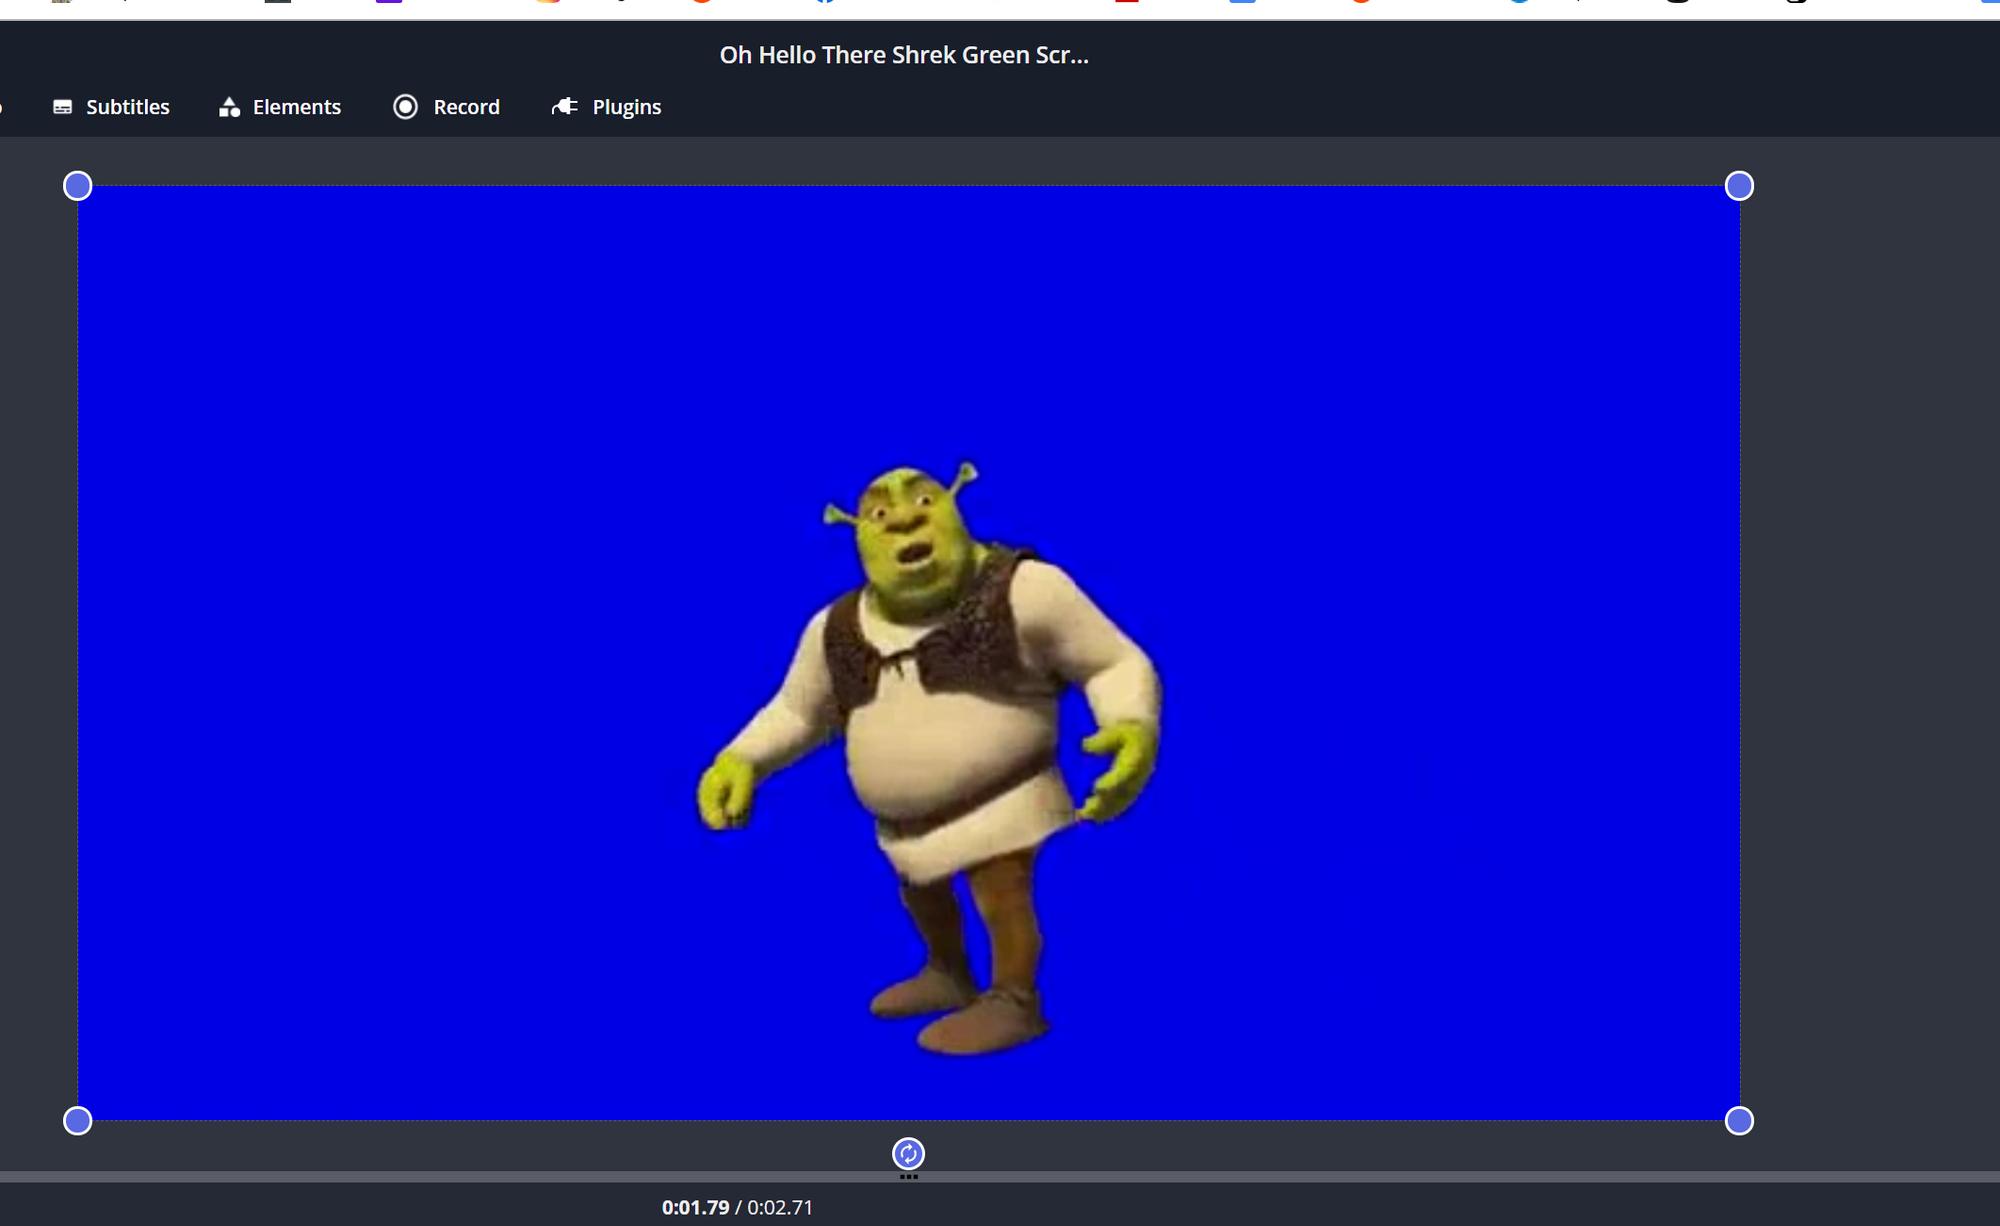 Shrek blue screen for chroma key memes